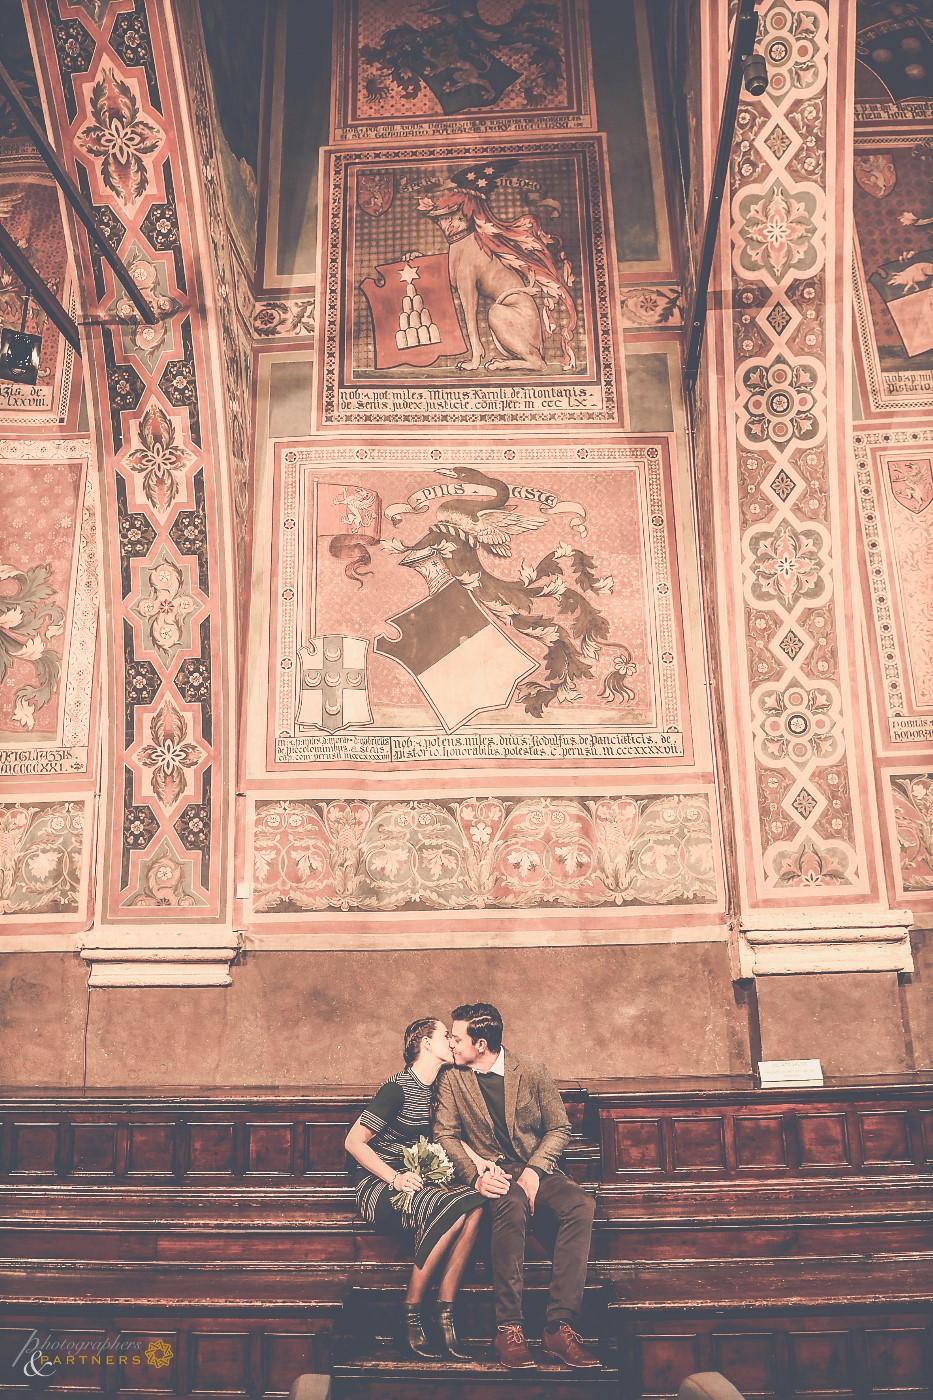 A kiss in the Palazzo dei Priori.